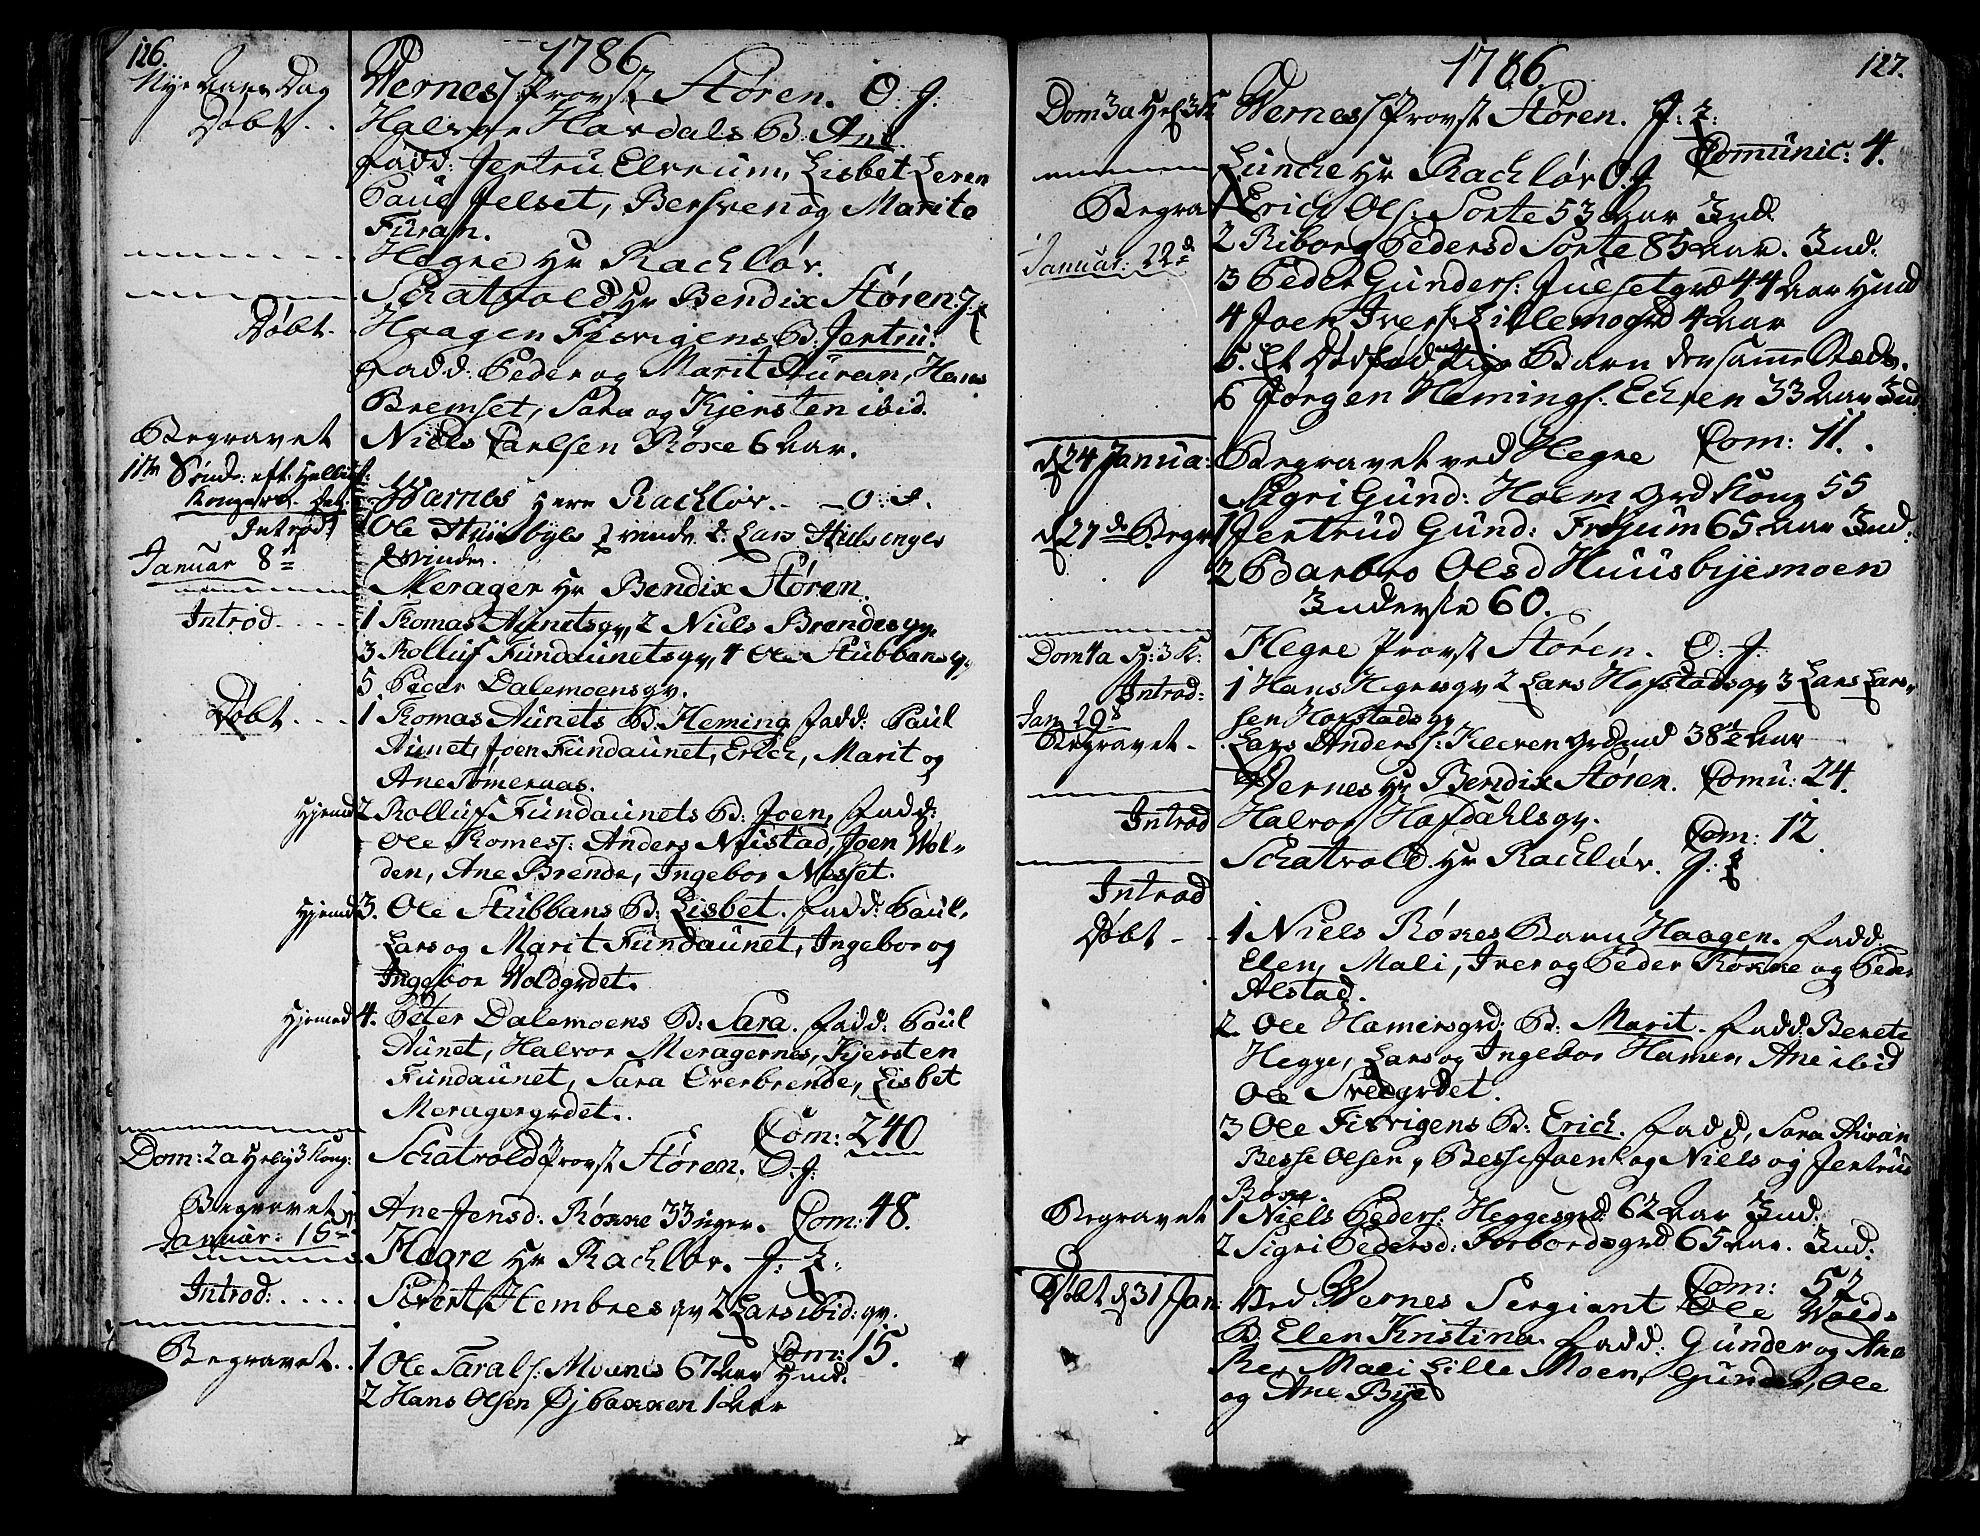 SAT, Ministerialprotokoller, klokkerbøker og fødselsregistre - Nord-Trøndelag, 709/L0059: Ministerialbok nr. 709A06, 1781-1797, s. 126-127